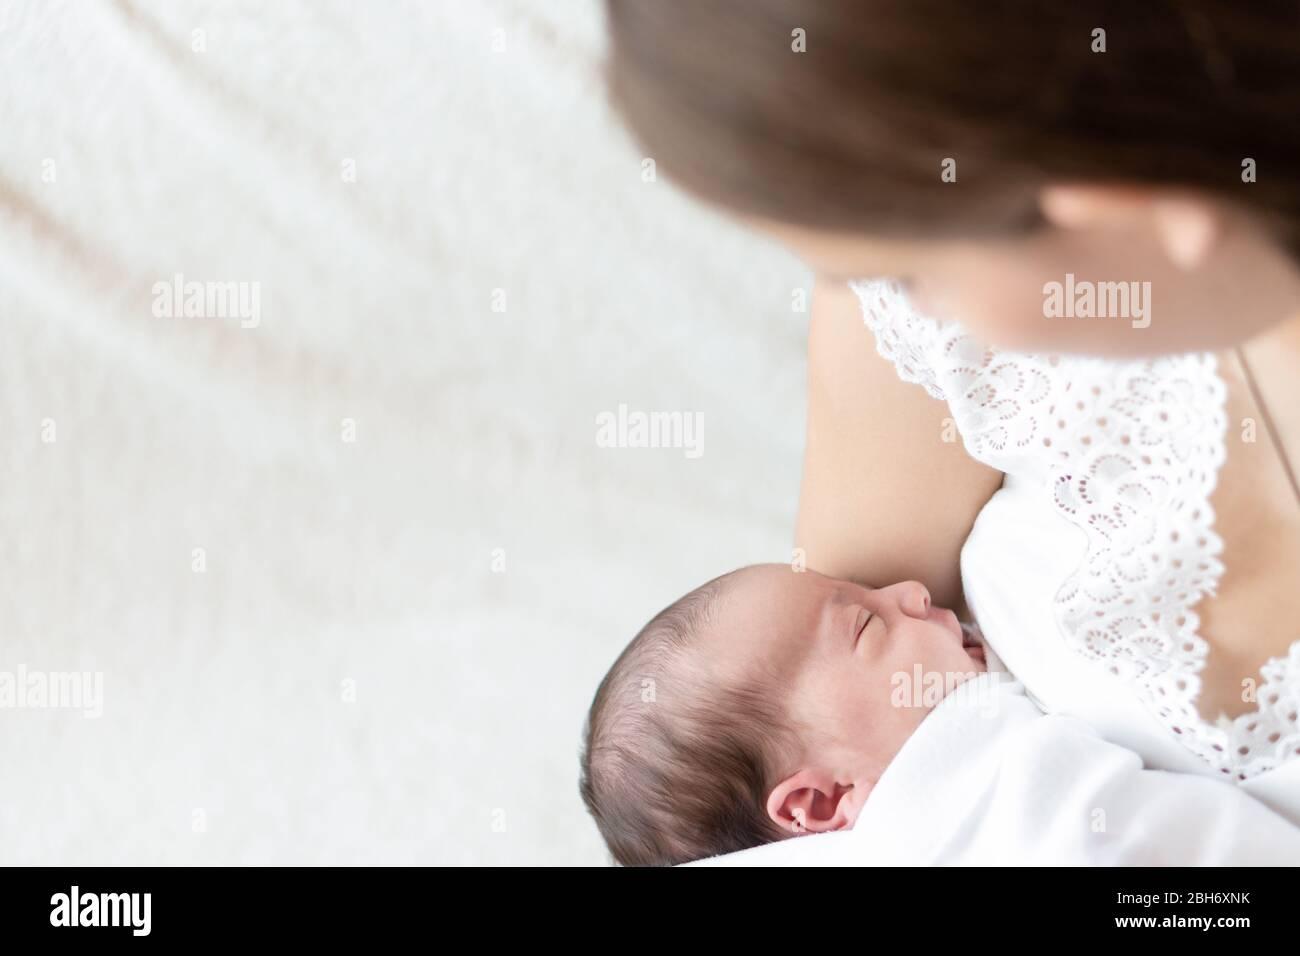 maternité, enfance, enfance, famille, soins, médecine, sommeil, santé, concept de maternité - portrait de maman avec bébé nouveau-né enveloppé dans le couches sur Banque D'Images